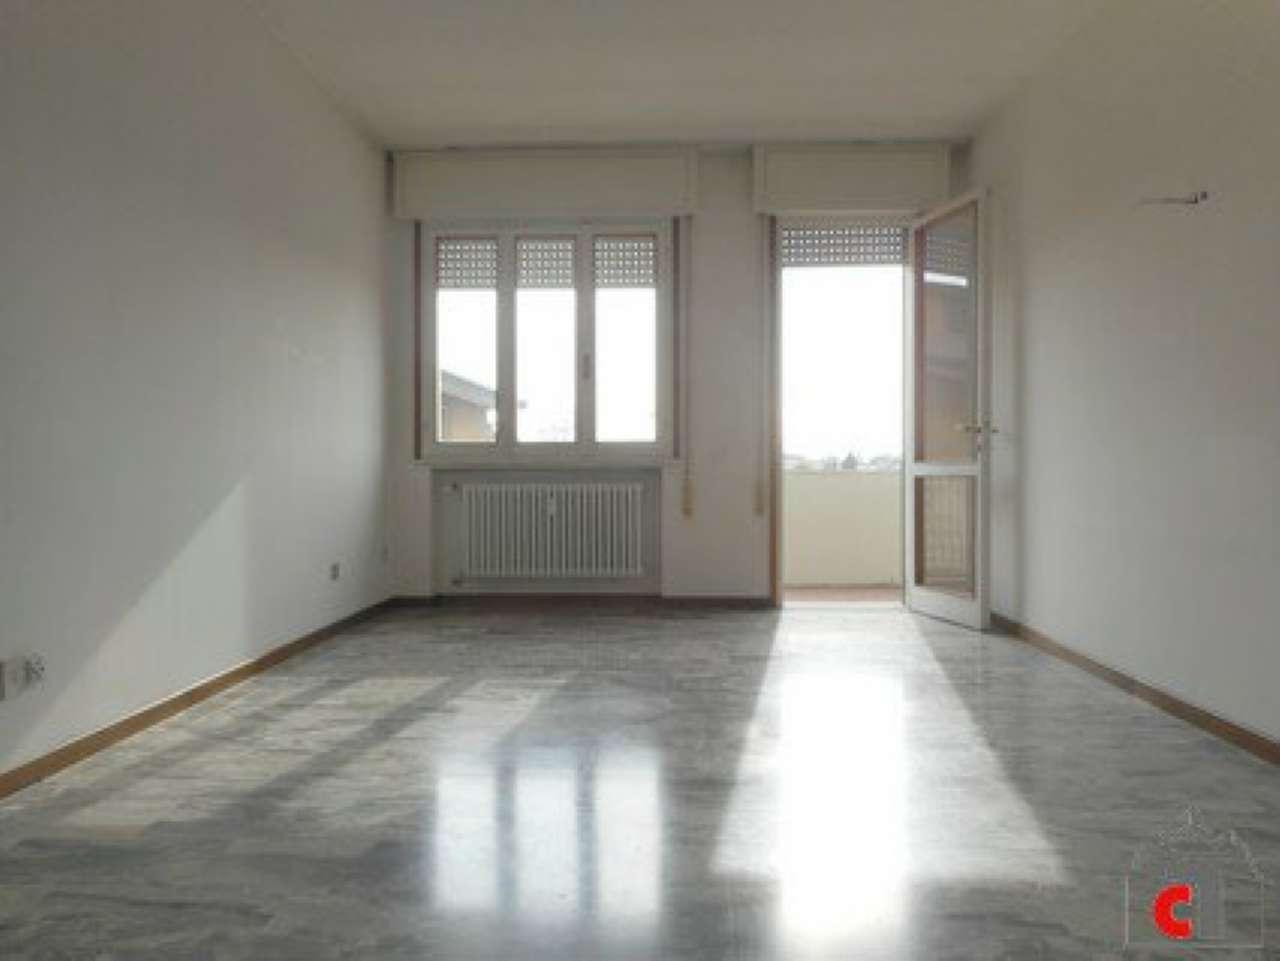 Appartamento in vendita a Padova, 5 locali, zona Zona: 5 . Sud-Ovest (Armistizio-Savonarola), prezzo € 149.000 | Cambio Casa.it